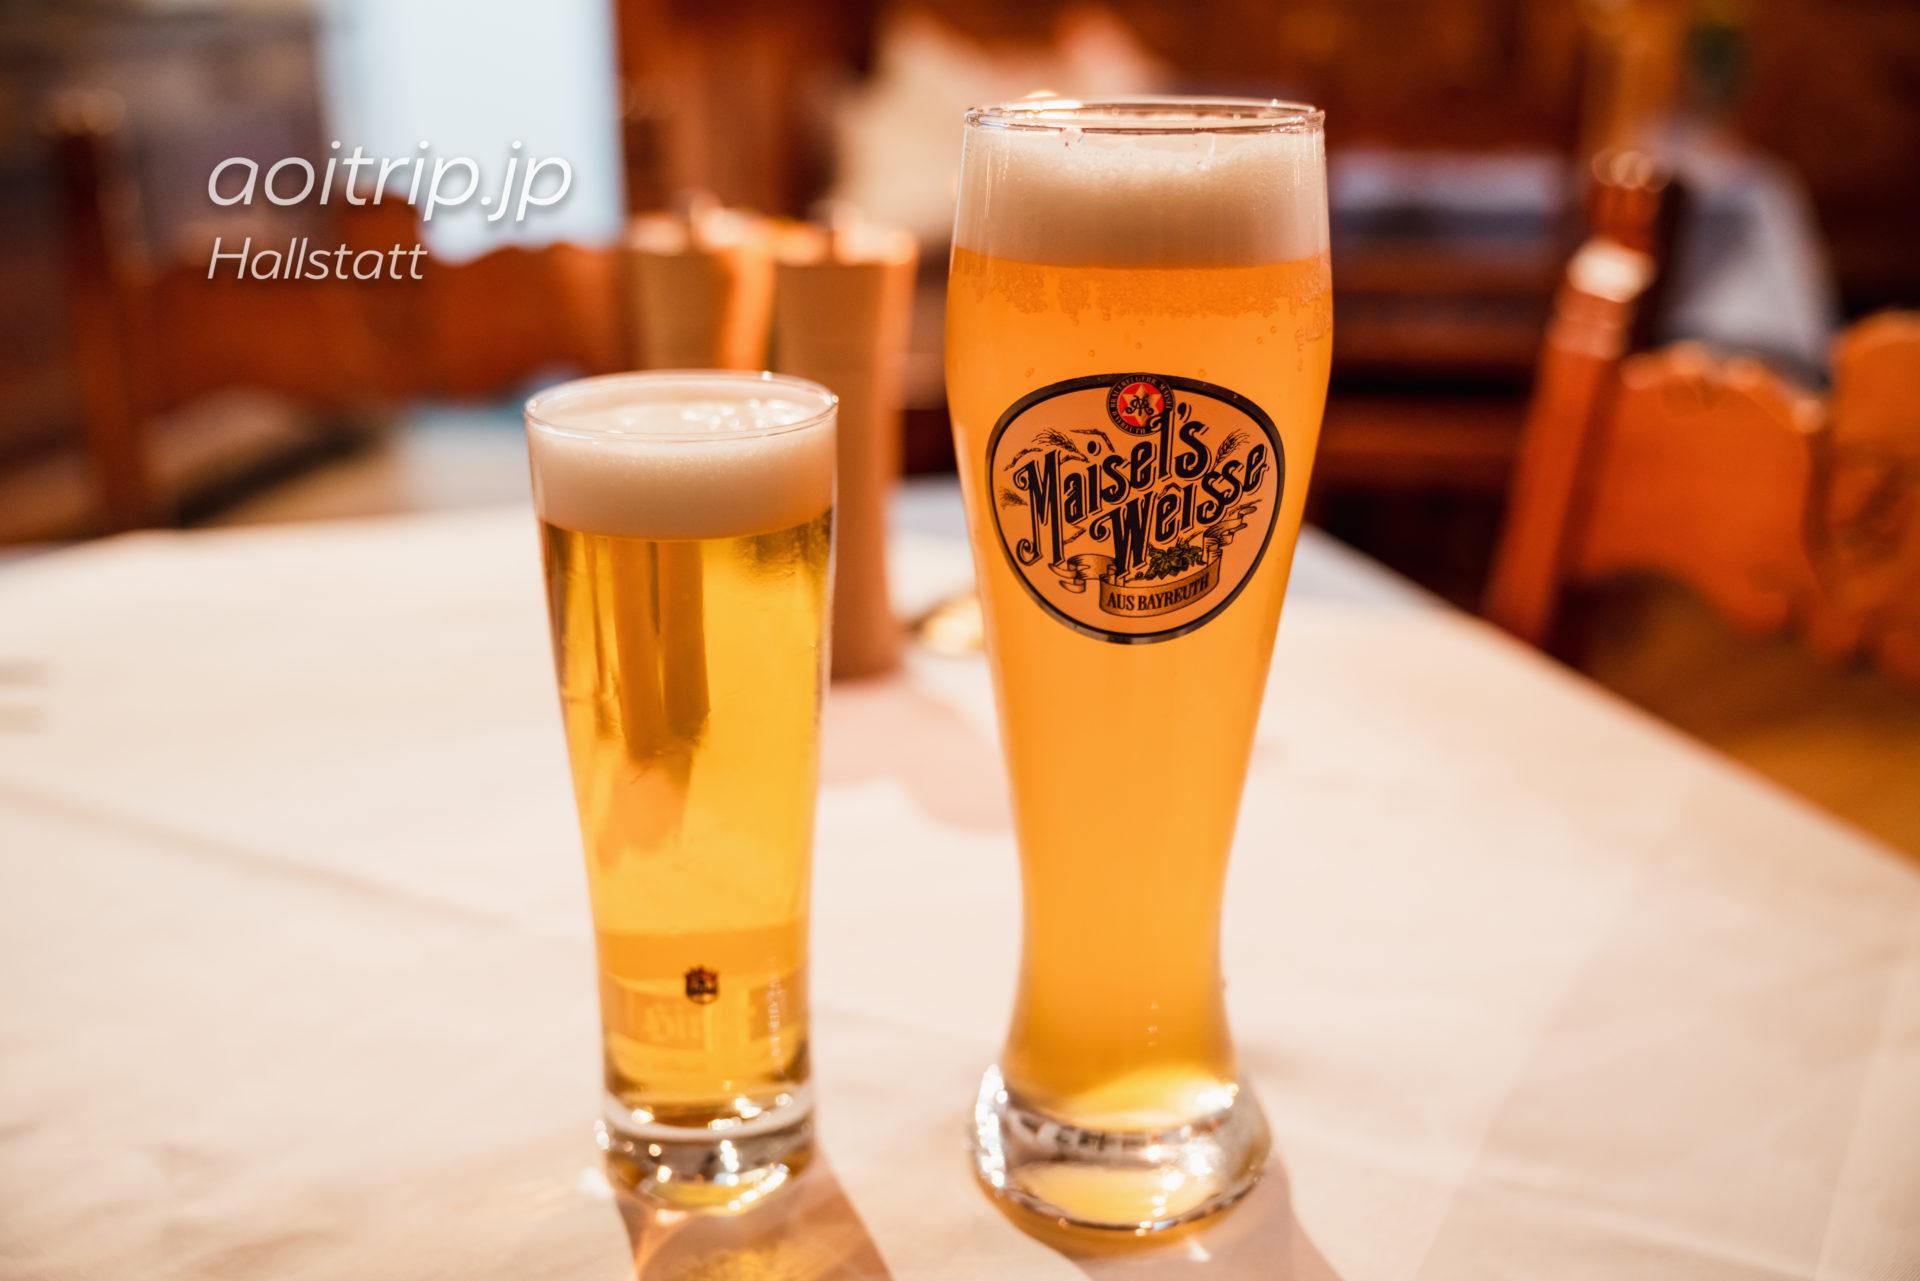 南ドイツの白ビール マイセルズヴァイス(Maisel's Weisse)